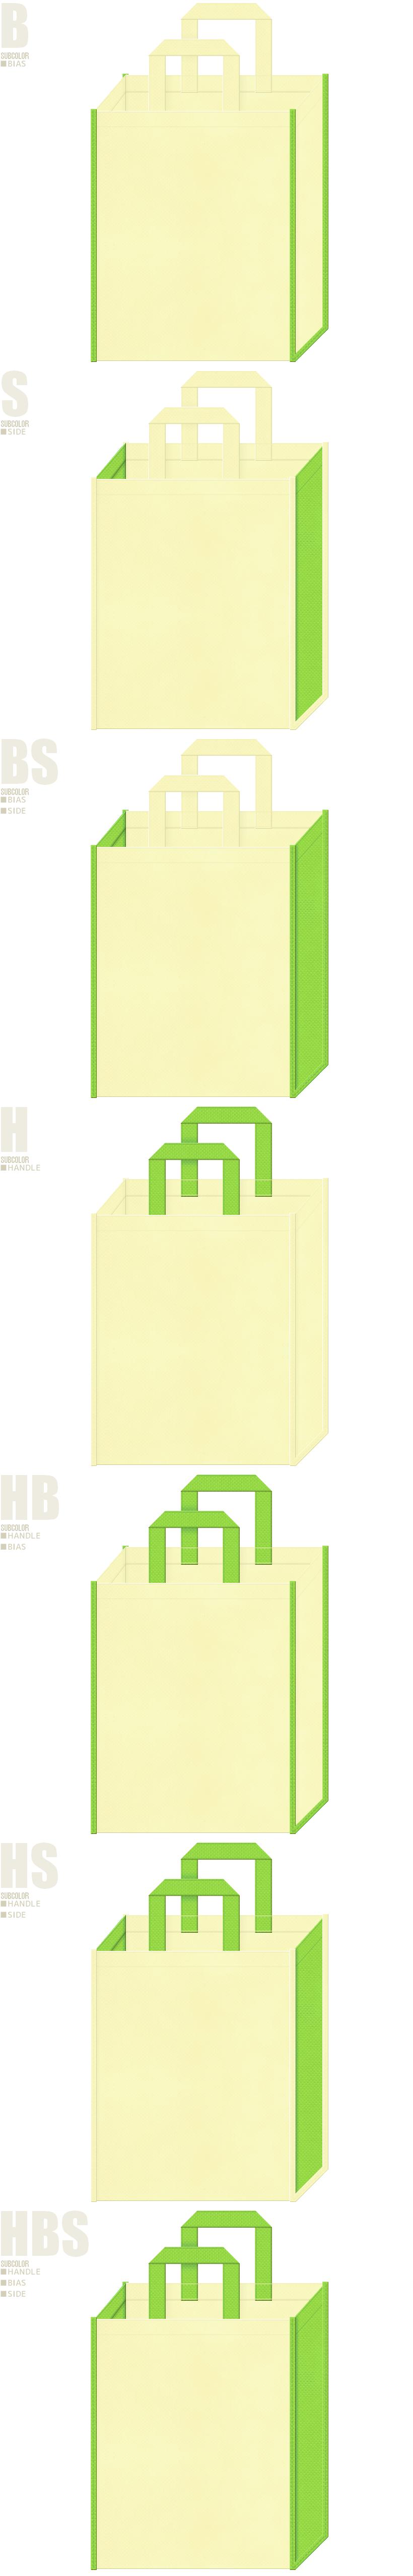 新緑・春のイベント・エコバッグにお奨めの不織布バッグデザイン:薄黄色と黄緑色の配色7パターン。